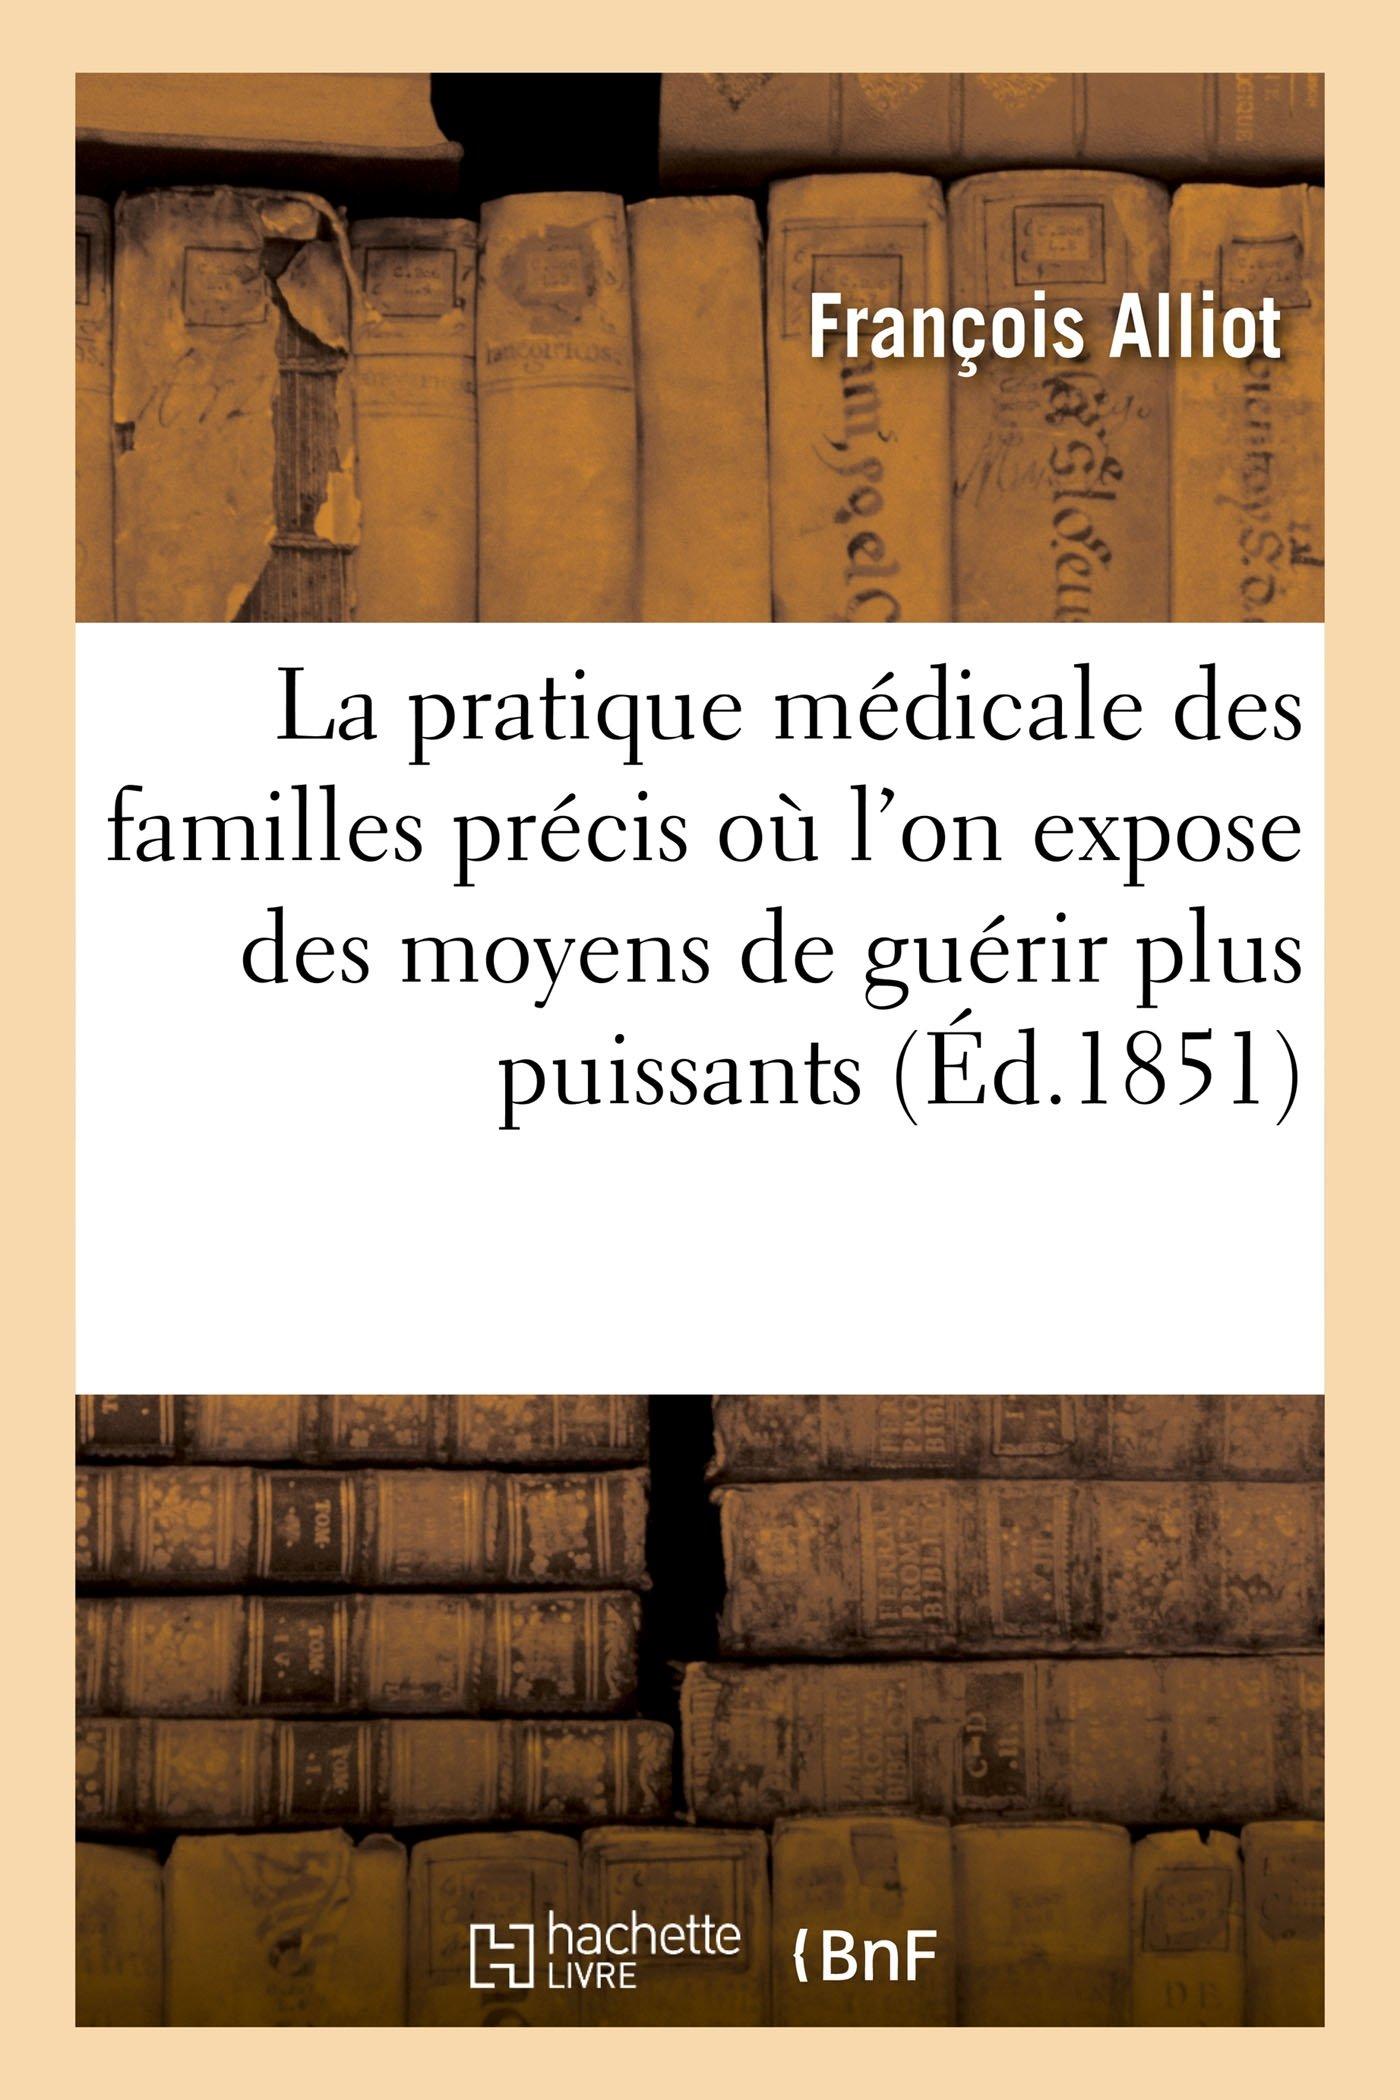 La Pratique Médicale Des Familles: Précis Où l'On Expose En Peu de Mots Des Moyens de Guérir (Sciences) (French Edition) pdf